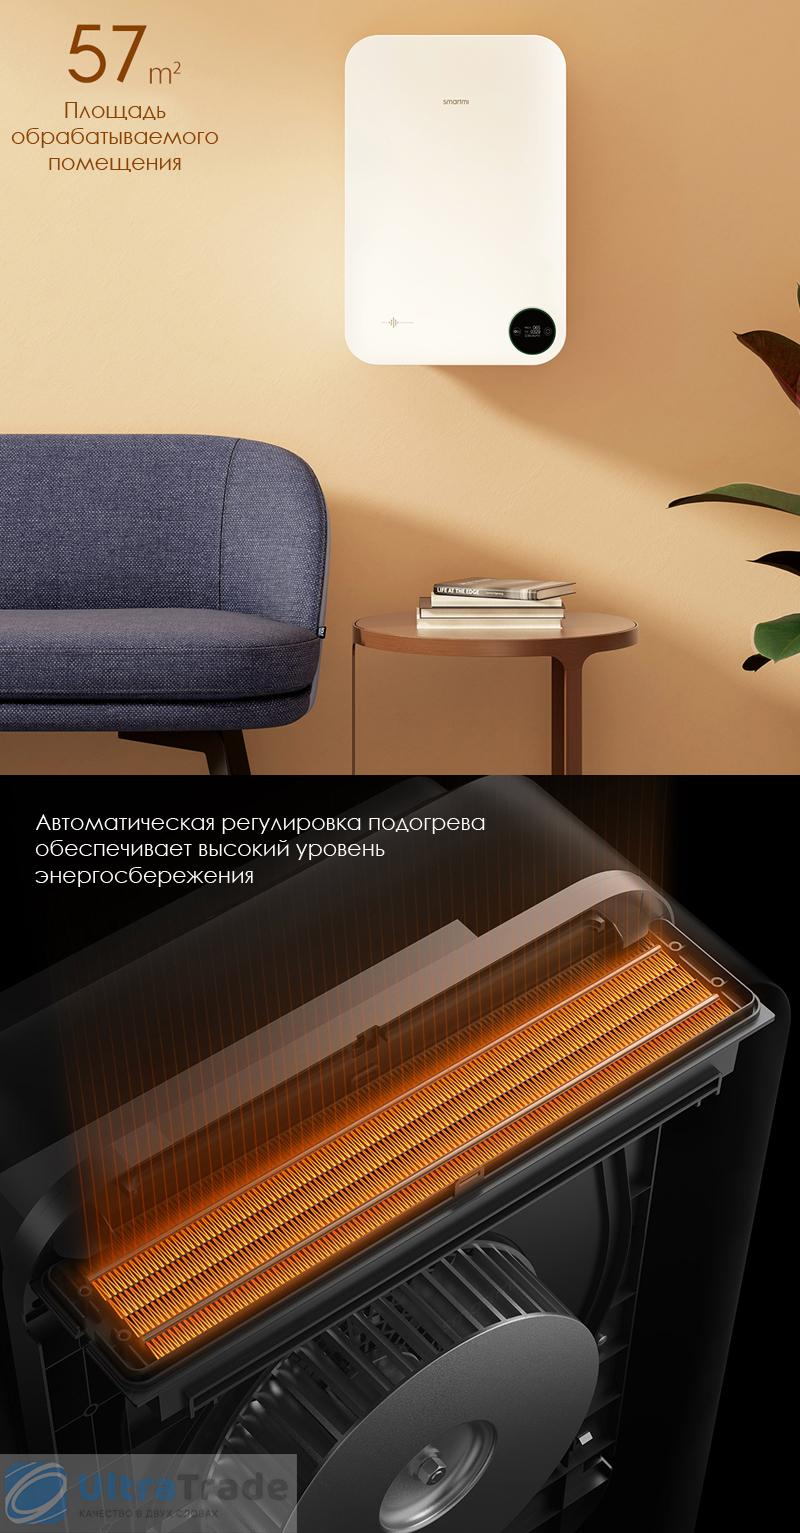 Приточный воздухоочиститель с подогревом Xiaomi SmartMi Fresh Air System Wall Mounted Heat Version White (XFXTDFR02ZM)